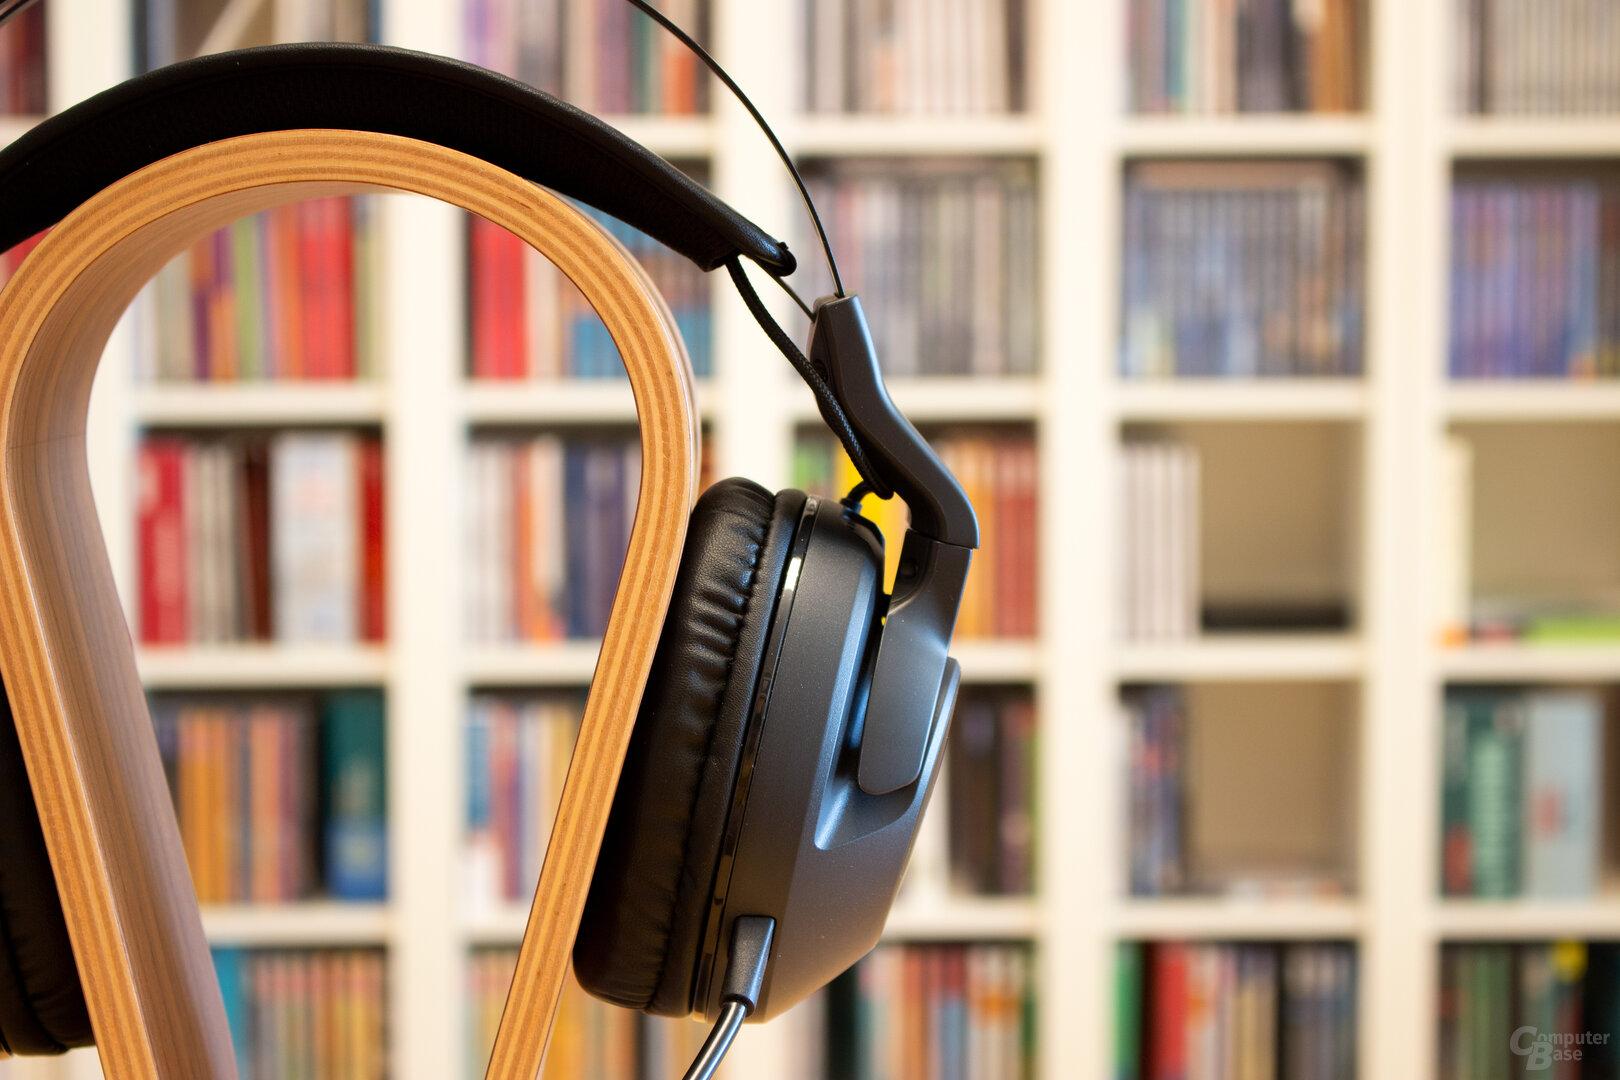 Bei allen drei ELO-Headsets liegen die Kabel am Bügel offen